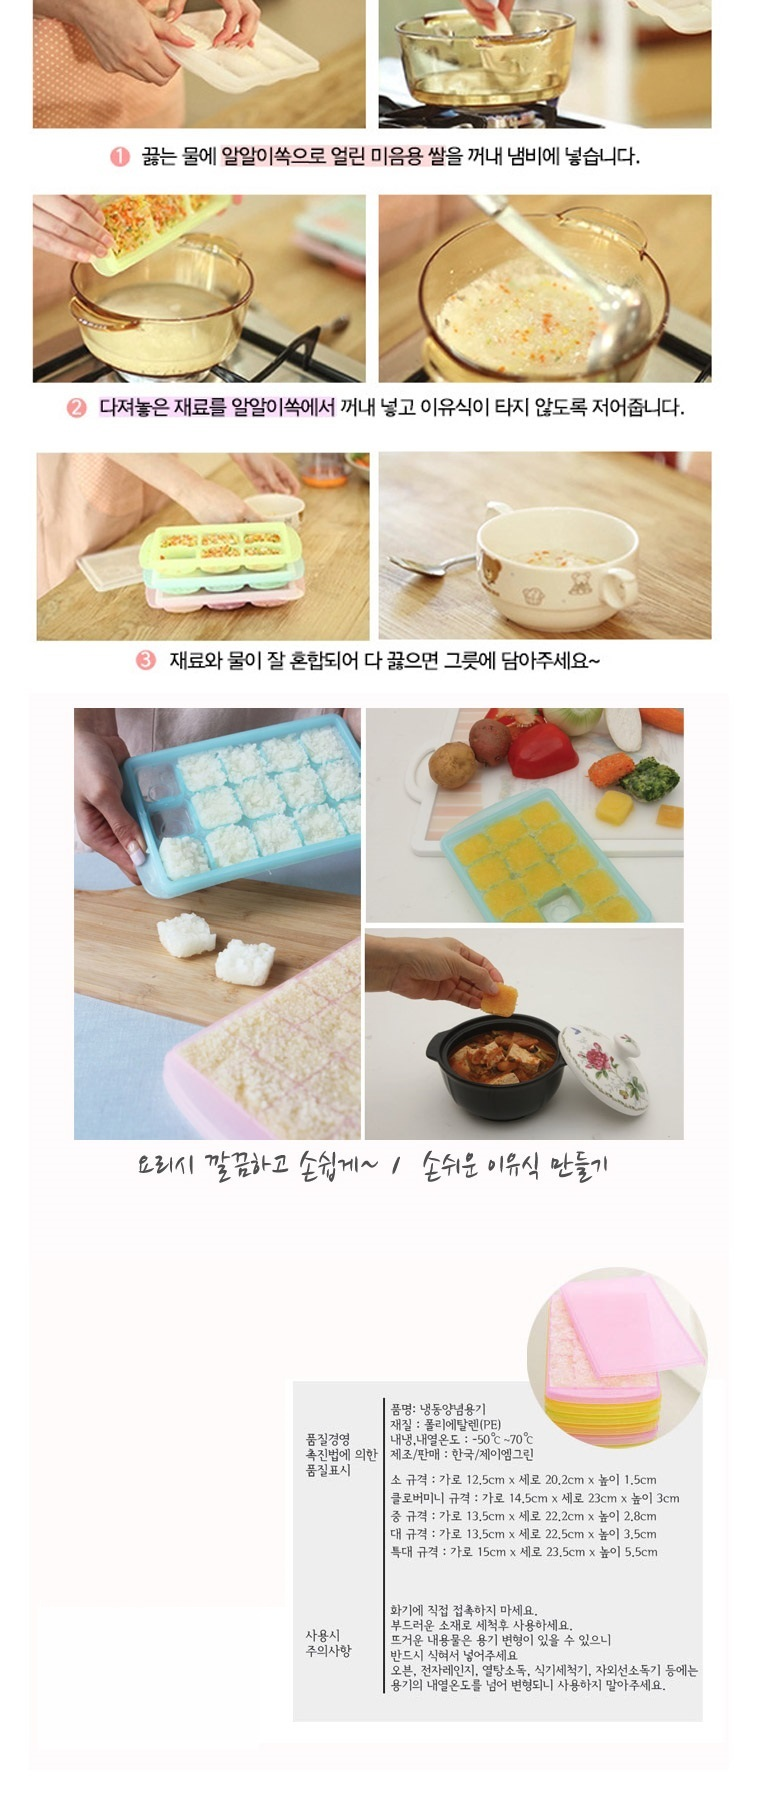 알알이쏙 이유식보관/냉동실정리보관 - 상세정보